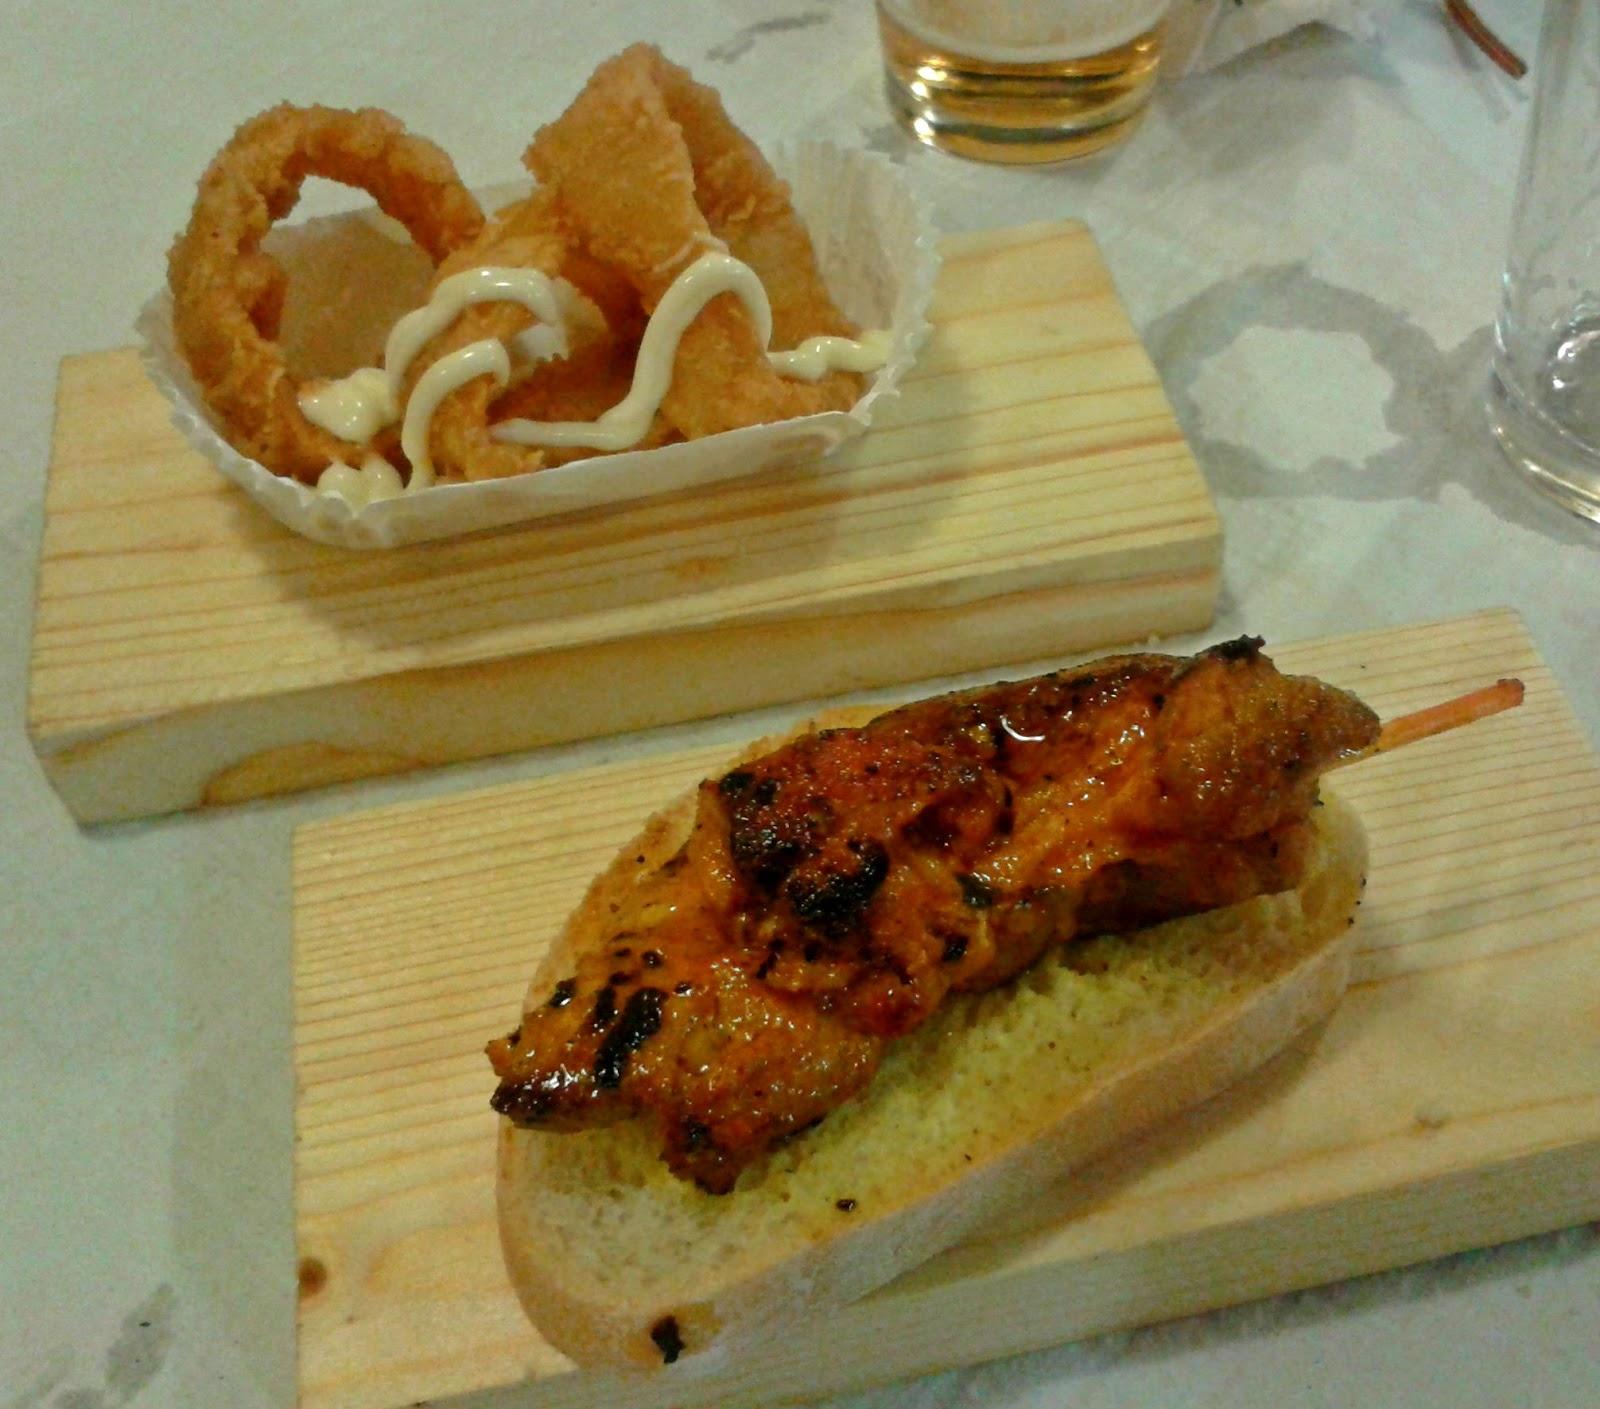 Calamares y pincho de carne